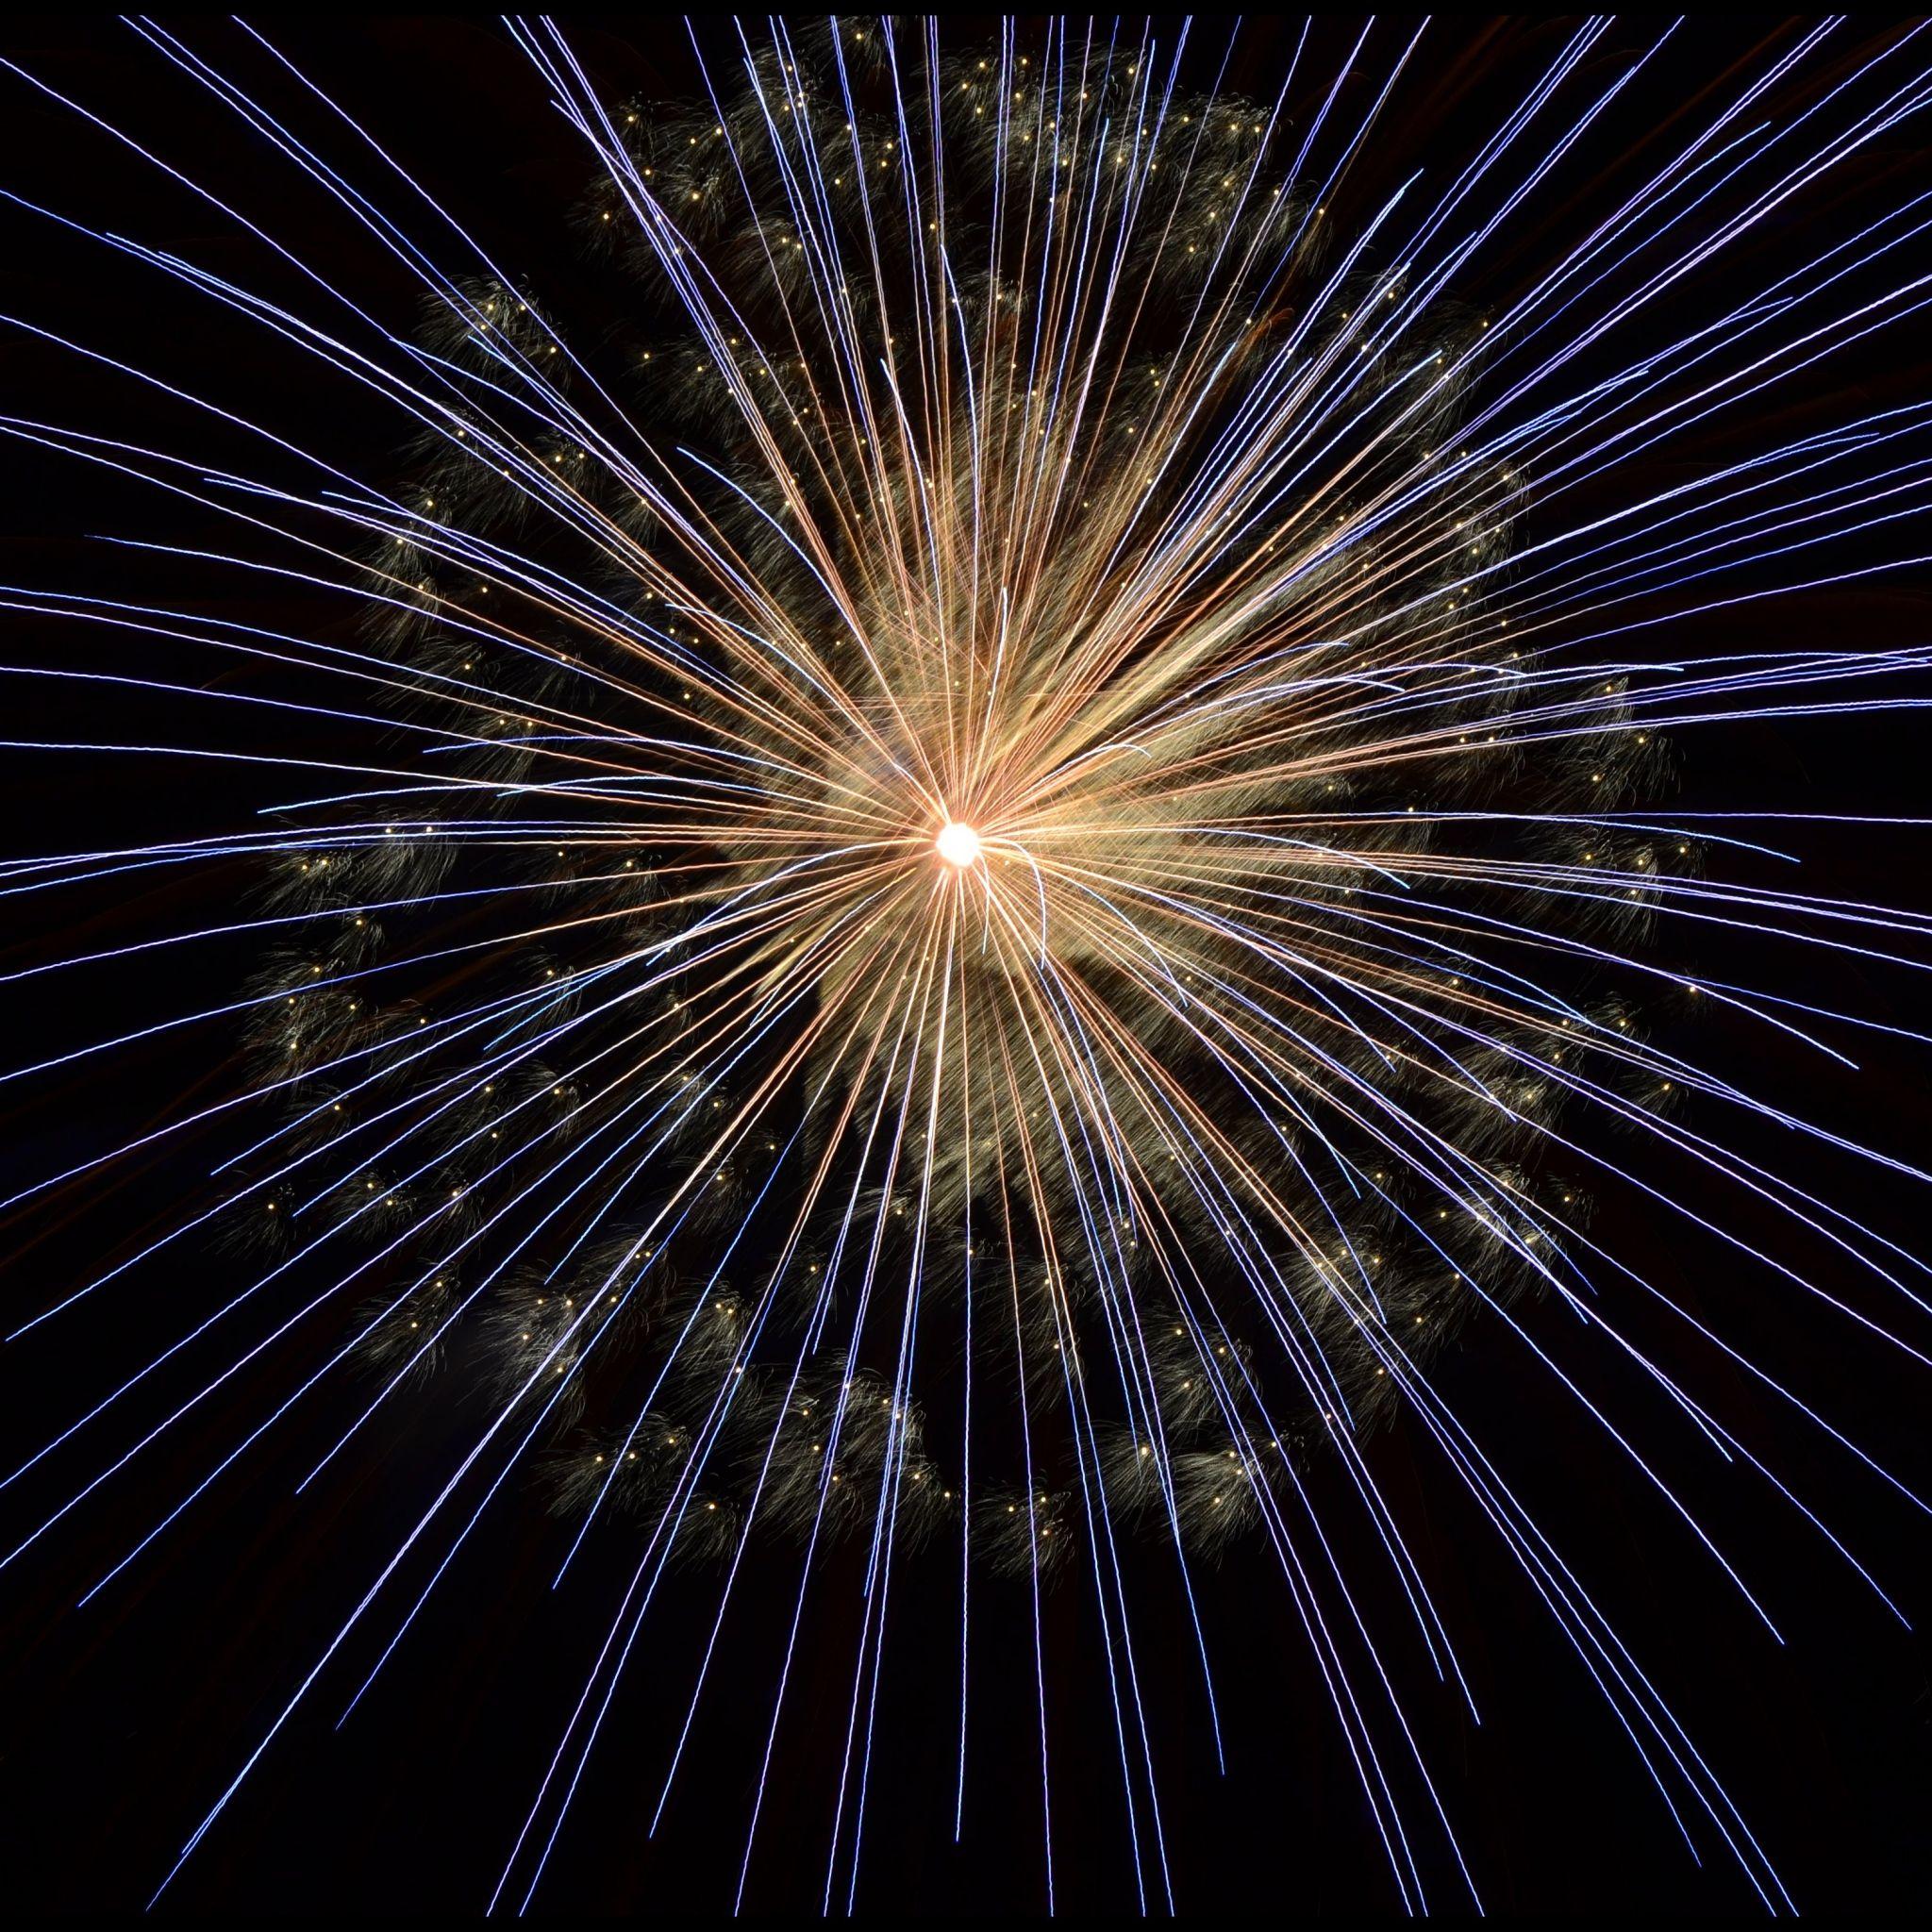 Download Wallpaper 2048x2048 Banger Fireworks Celebration New Ipad Air 4 3 Ipad Mini Happy New Year Fireworks New Year S Eve Wallpaper New Year Wallpaper